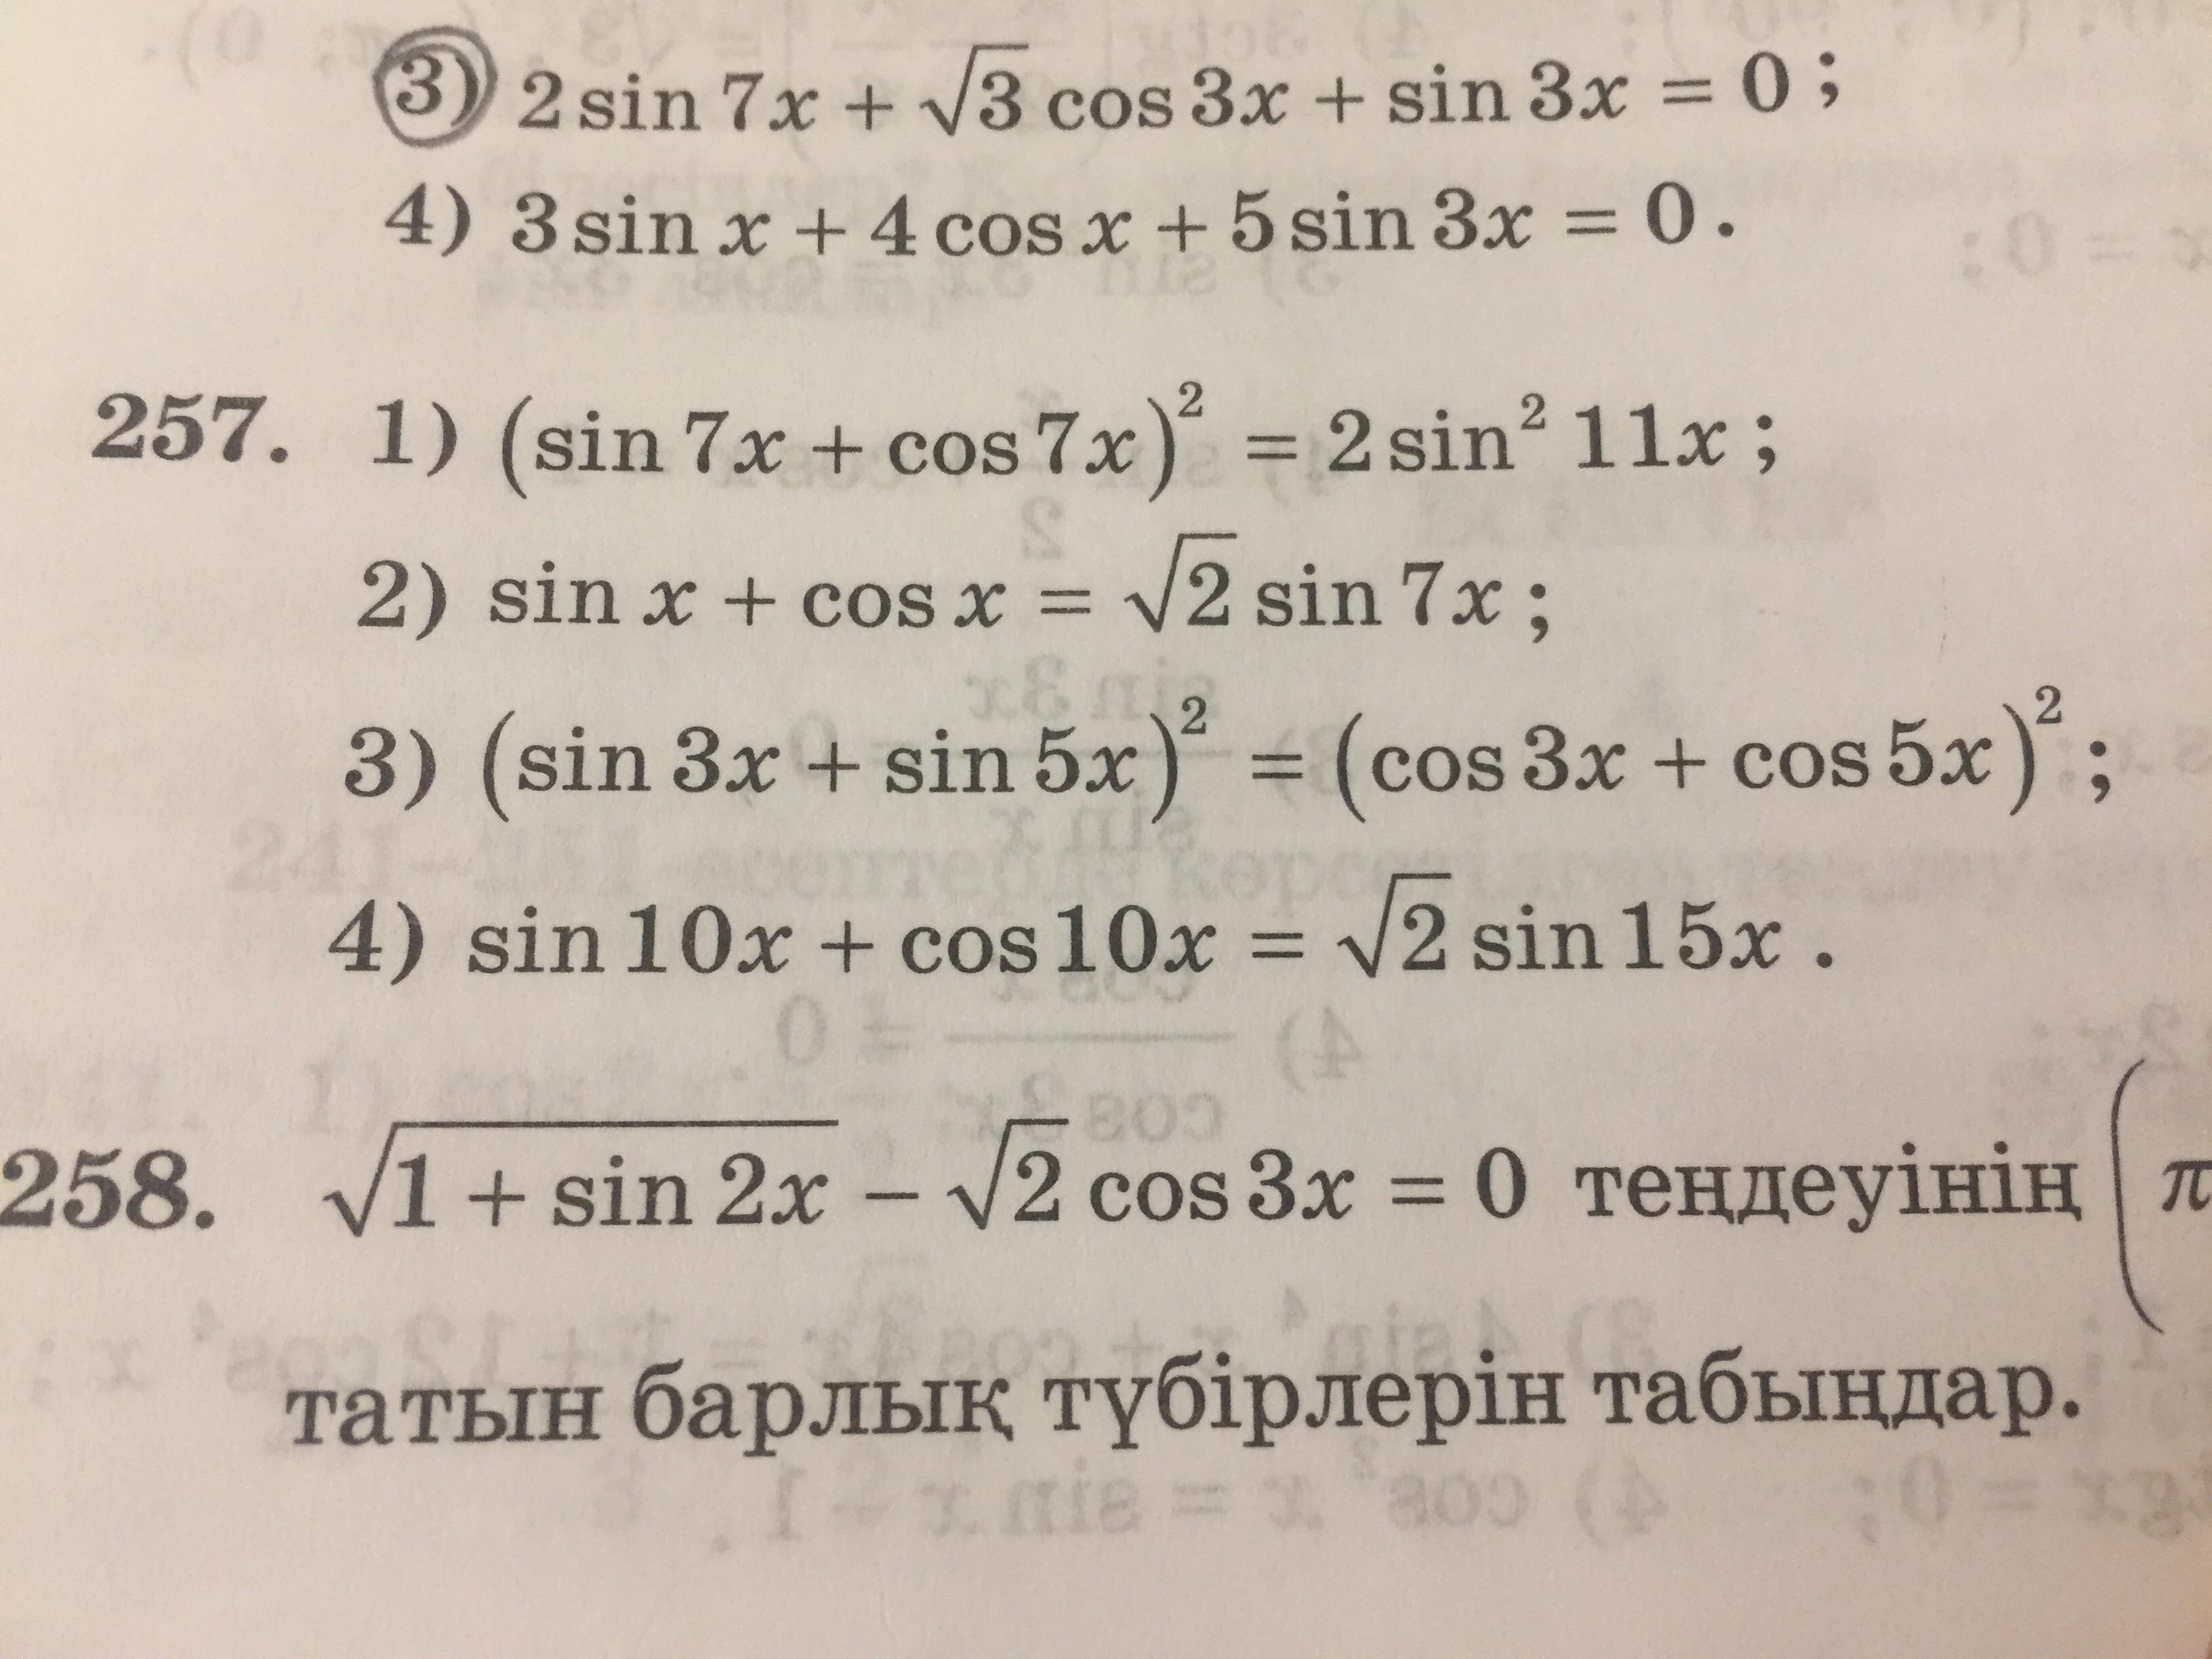 Изображение к вопросу 257 задача 3) не могу решить, помогите пожалуйста